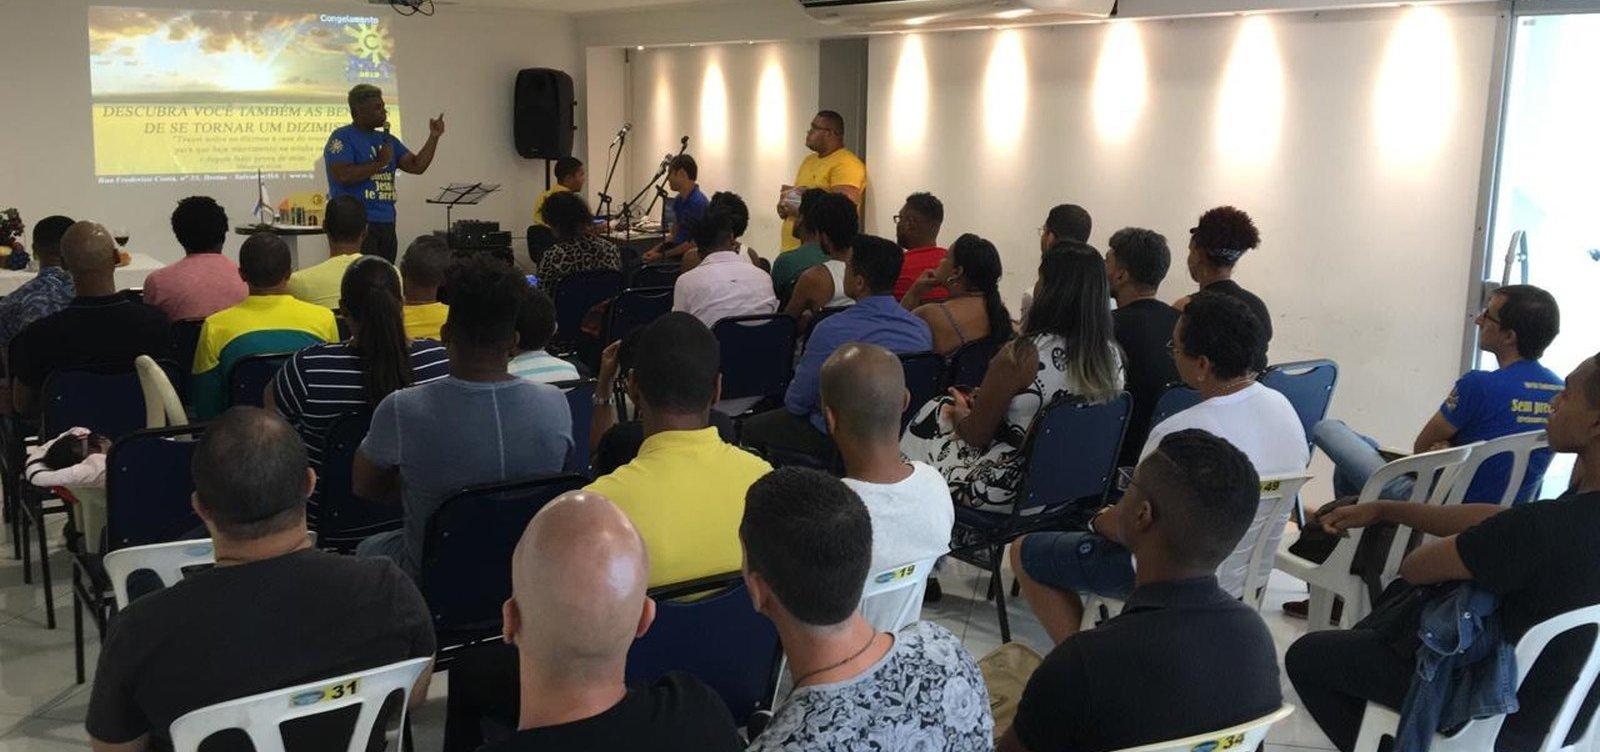 Igreja LGBT inaugura hoje primeira sede do Nordeste, em Salvador